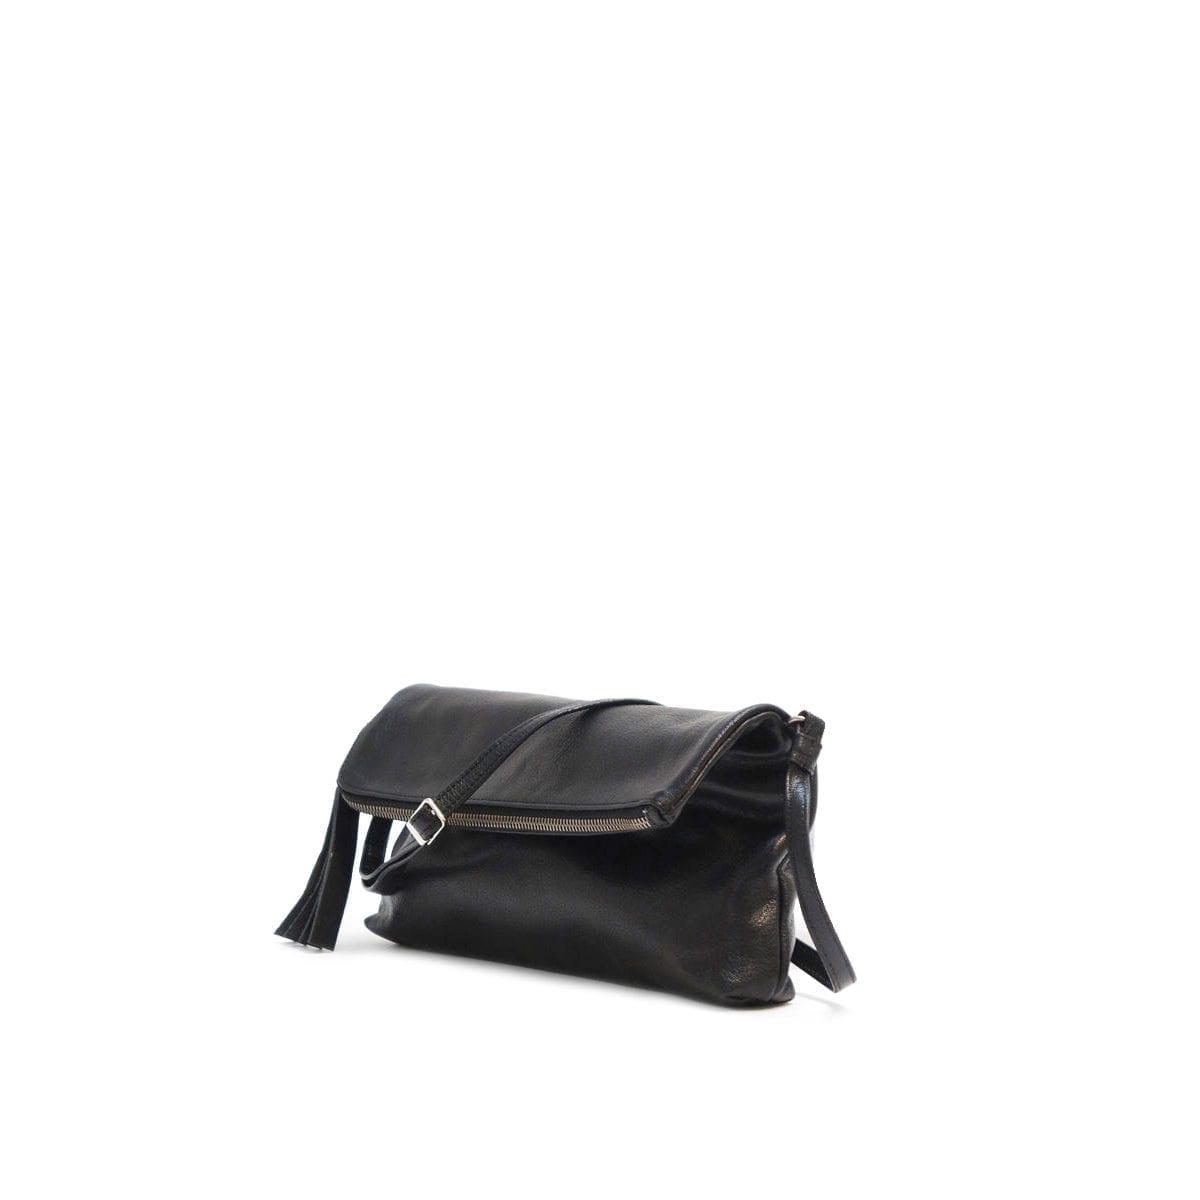 LUMI Stefanie Large Pouch in classic black.